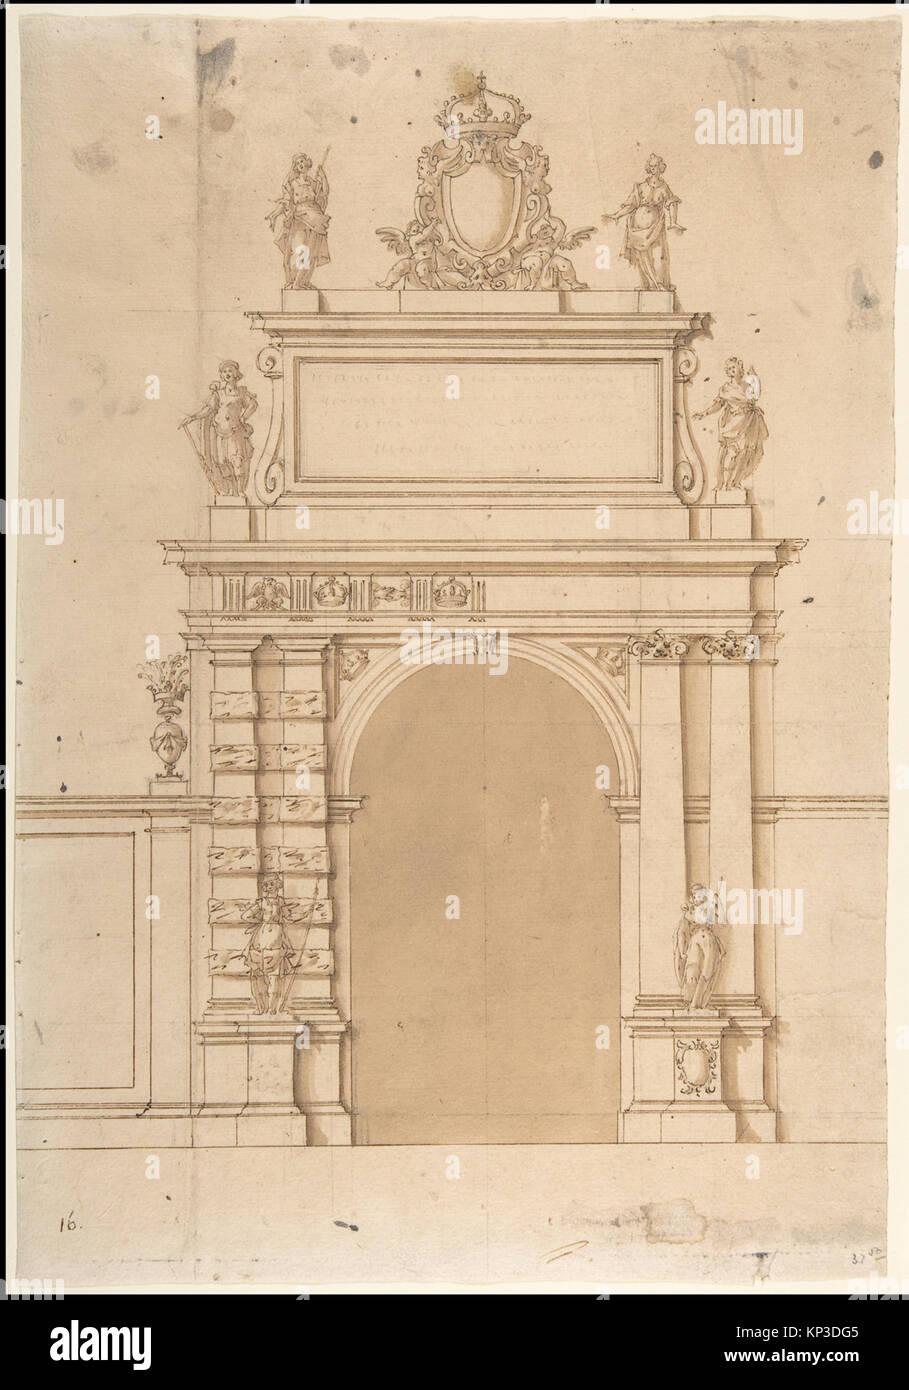 Arco Per Porta design per l'arco trionfale a porta ticinese a milano, con i